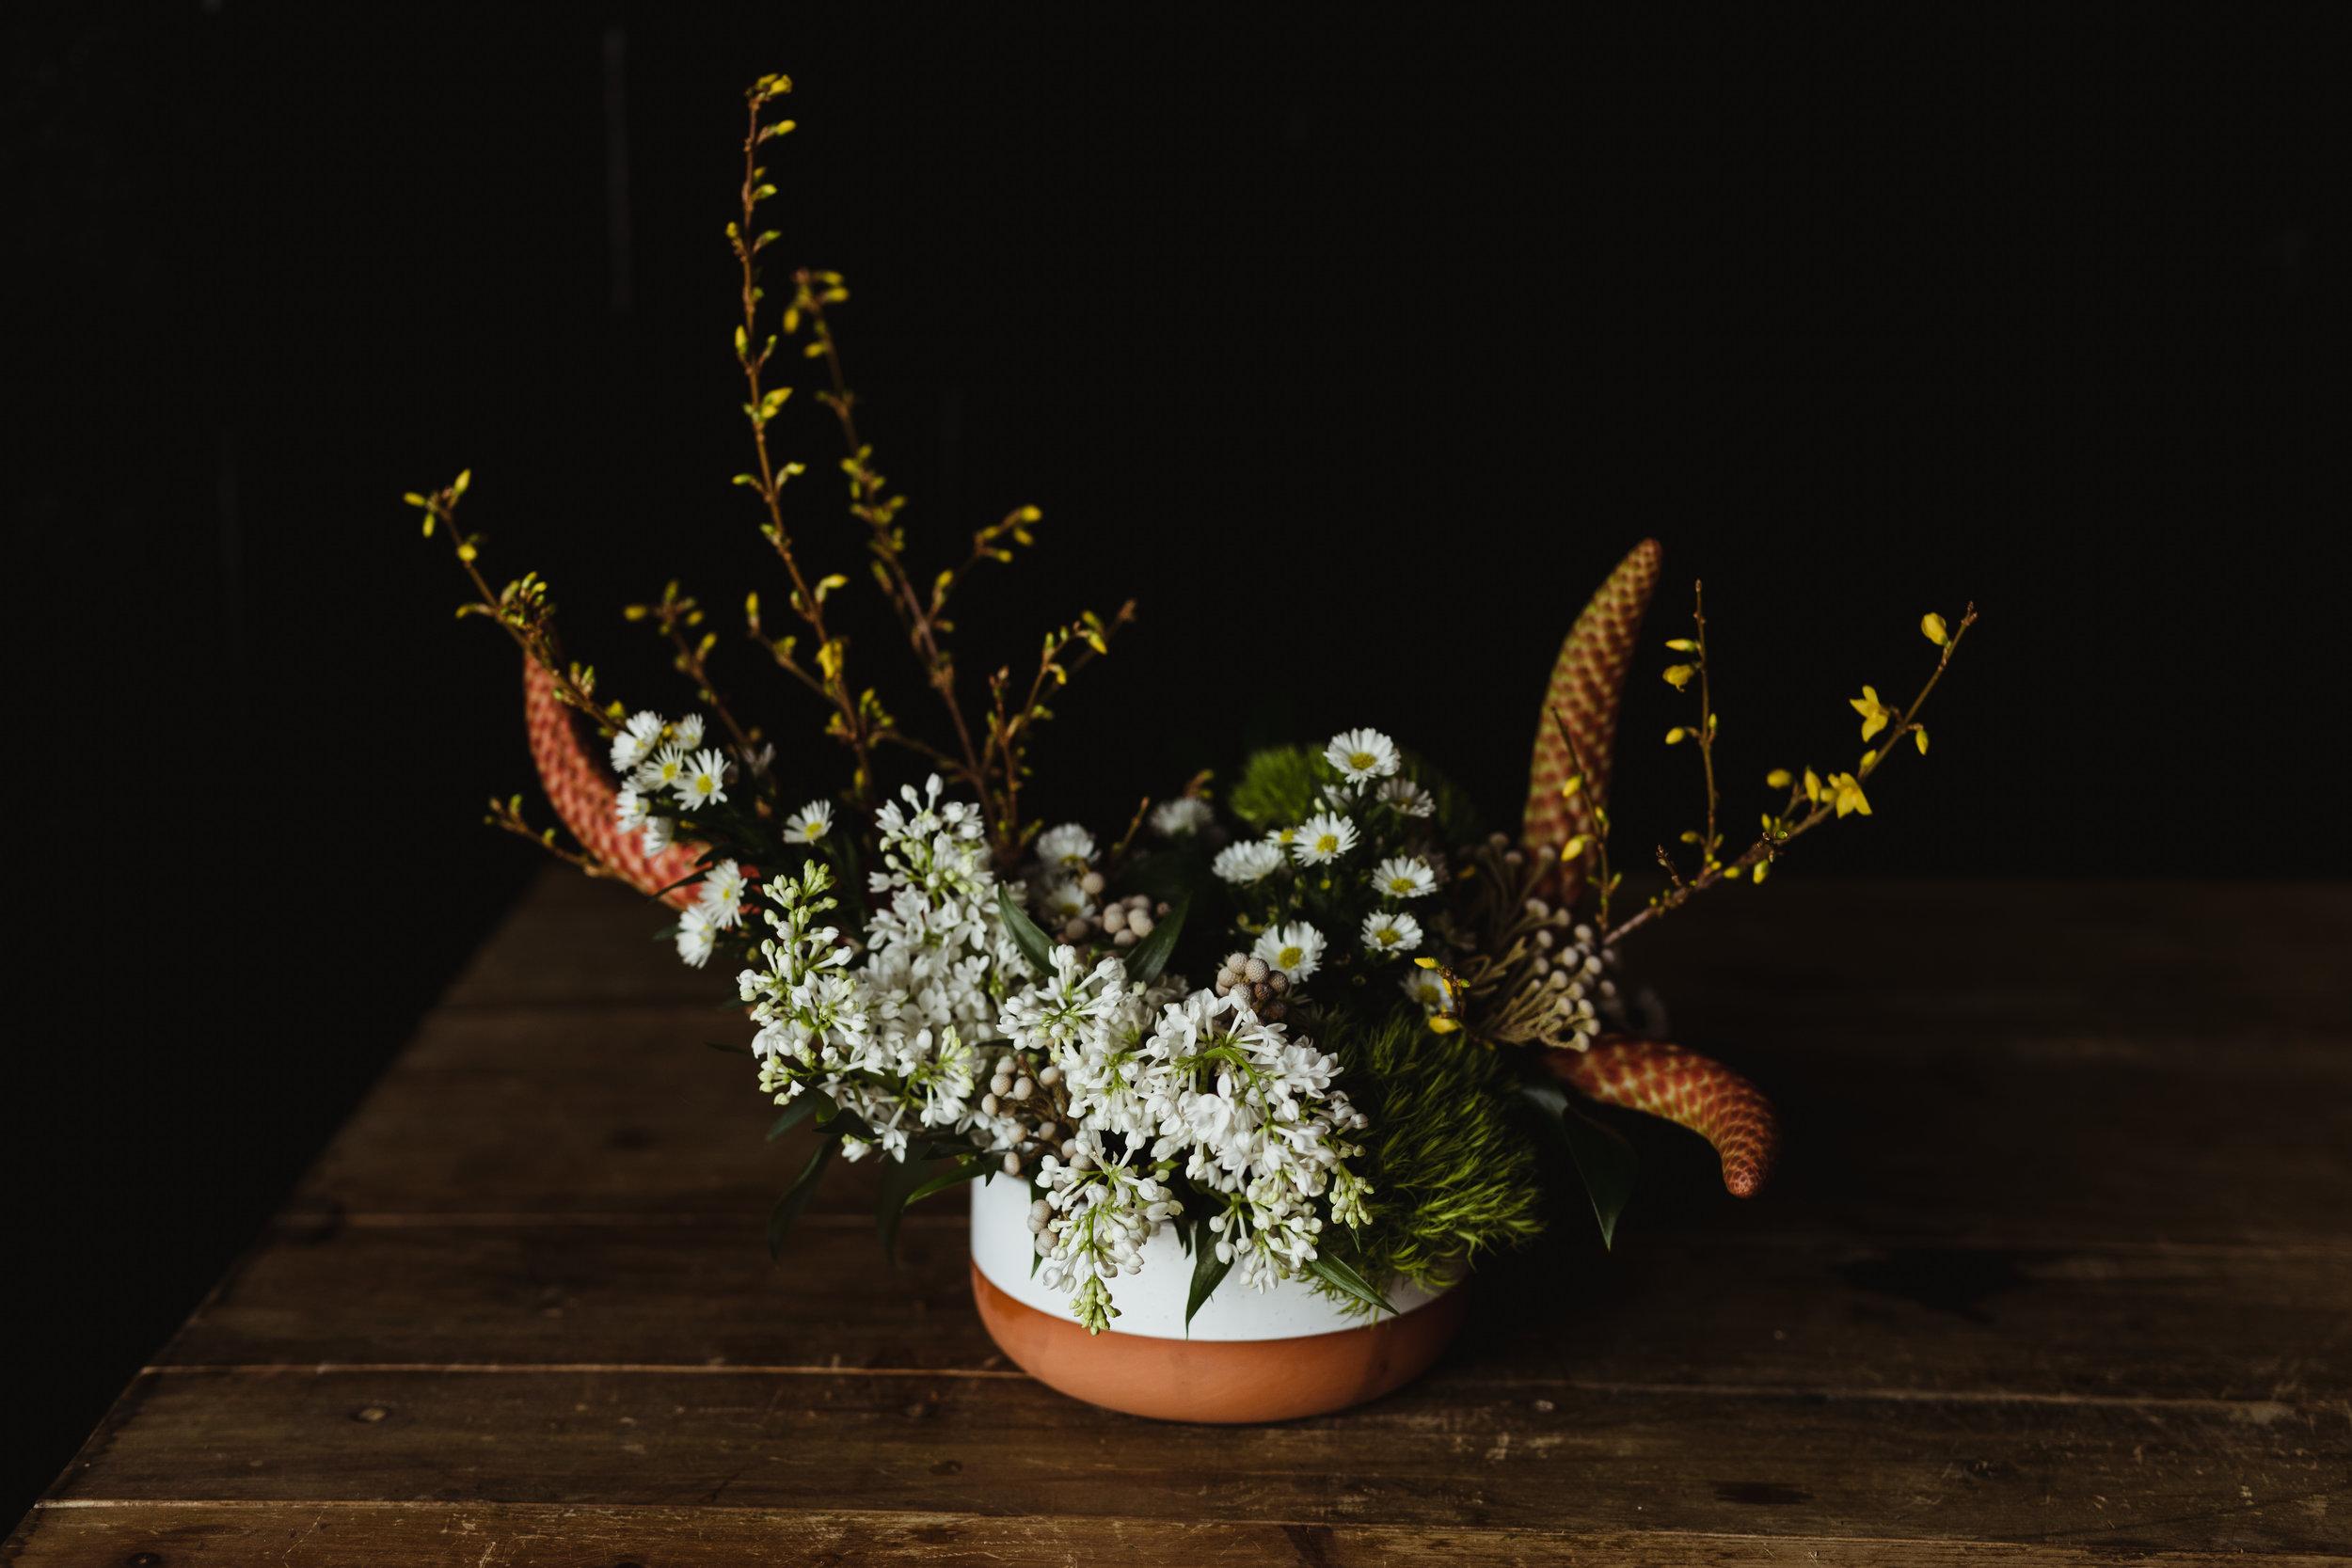 florals-valentines-warehouse-6-2.jpg